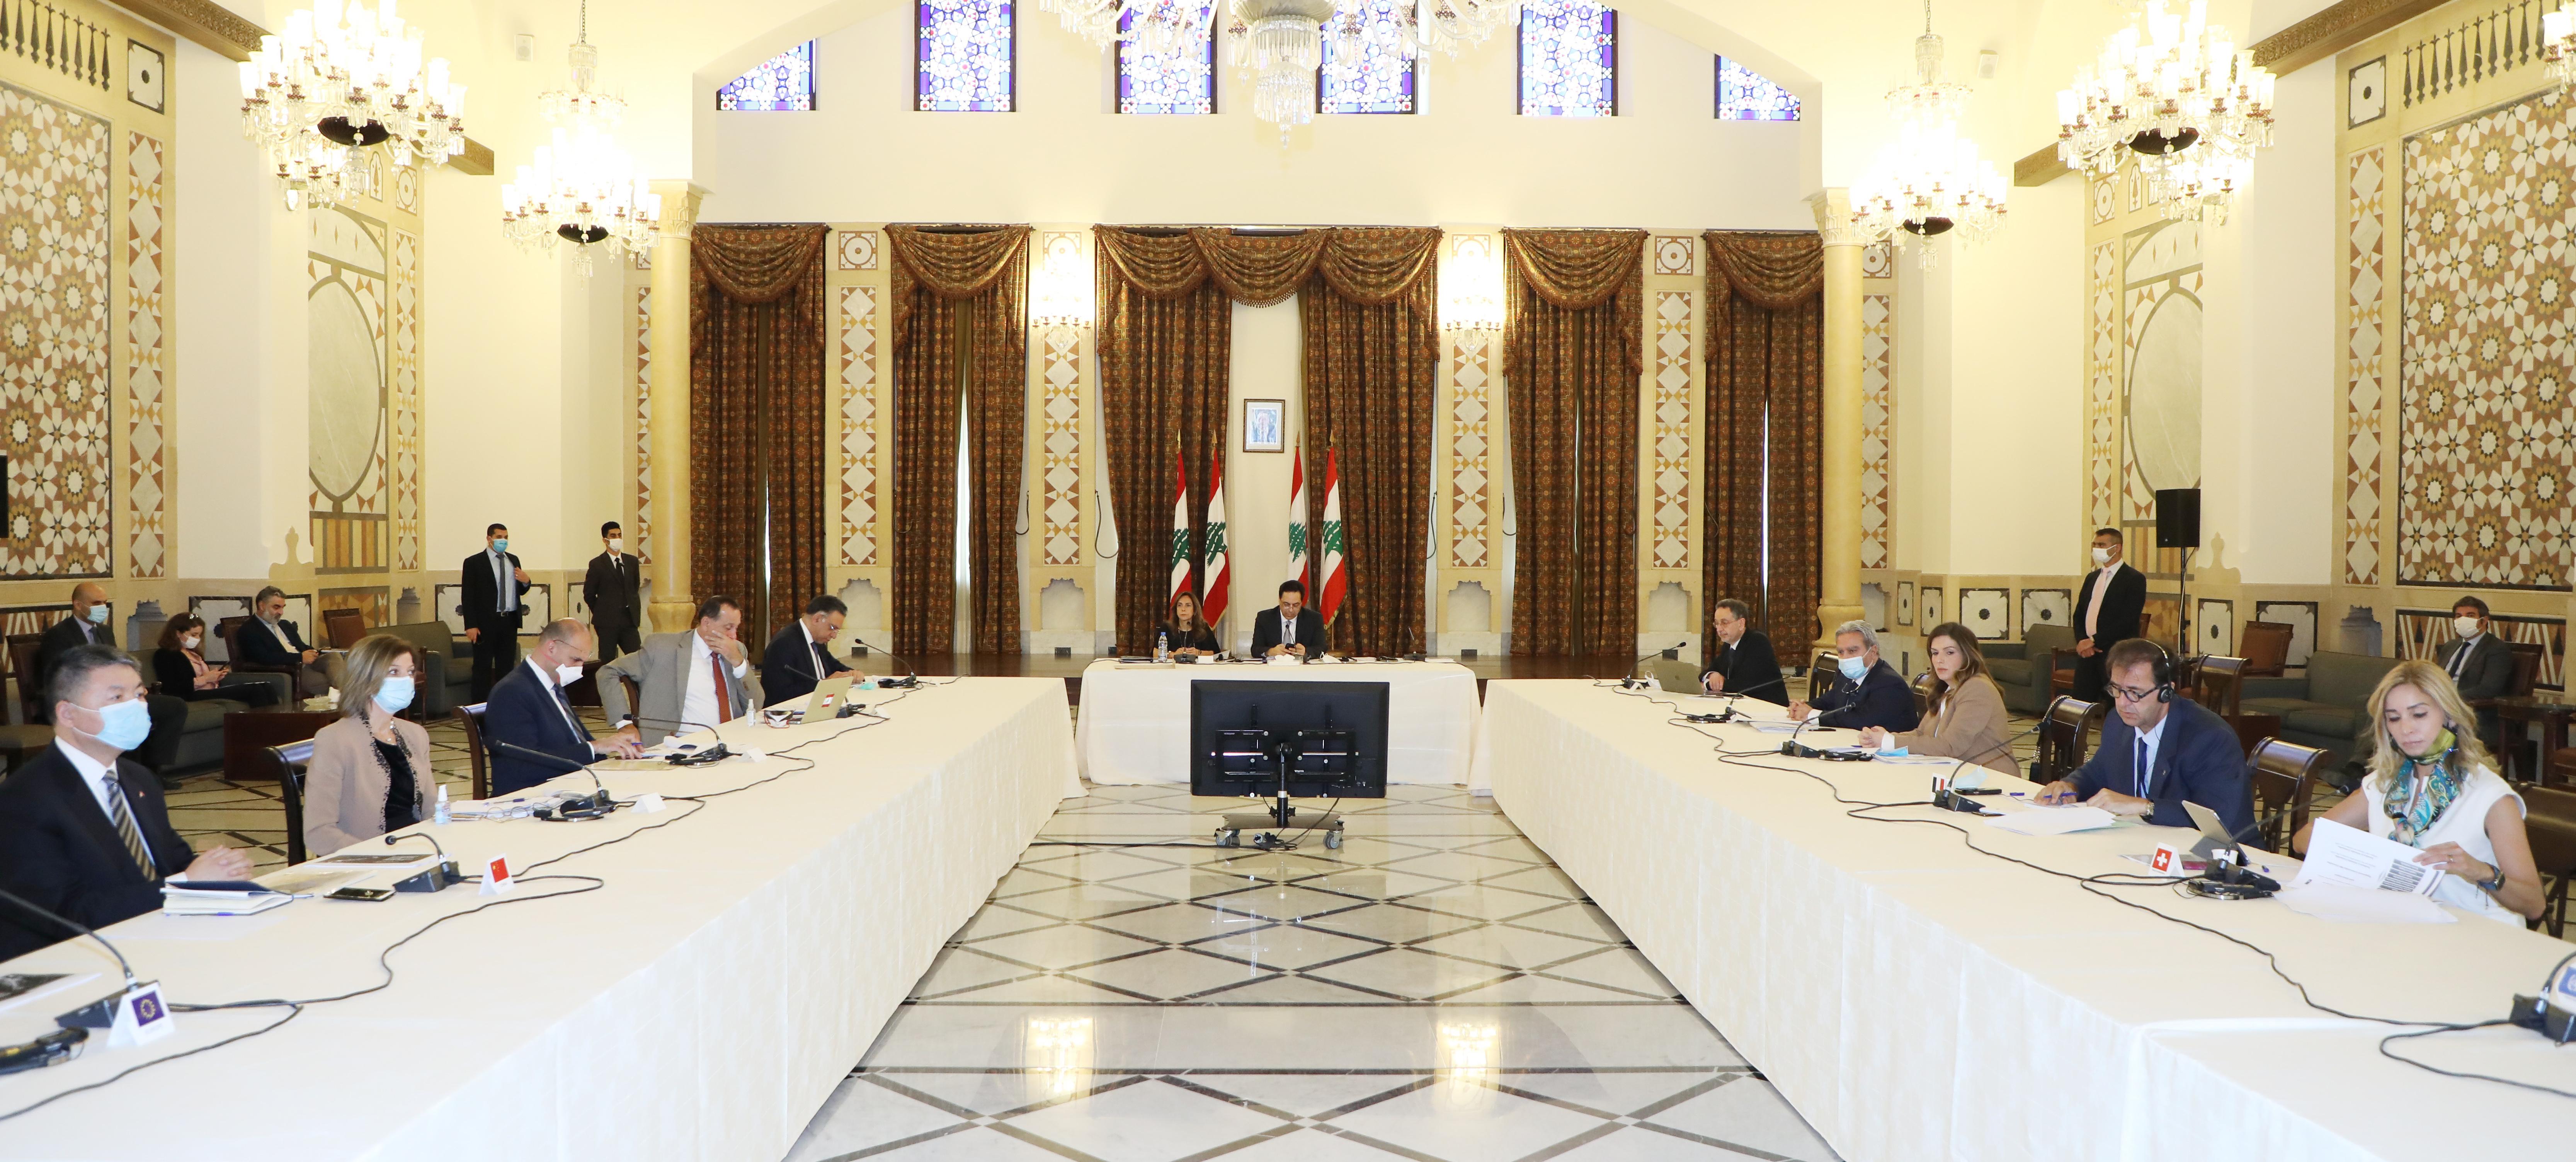 Pr Minister Hassan Diab meets a Delegation form Ambassadors 1